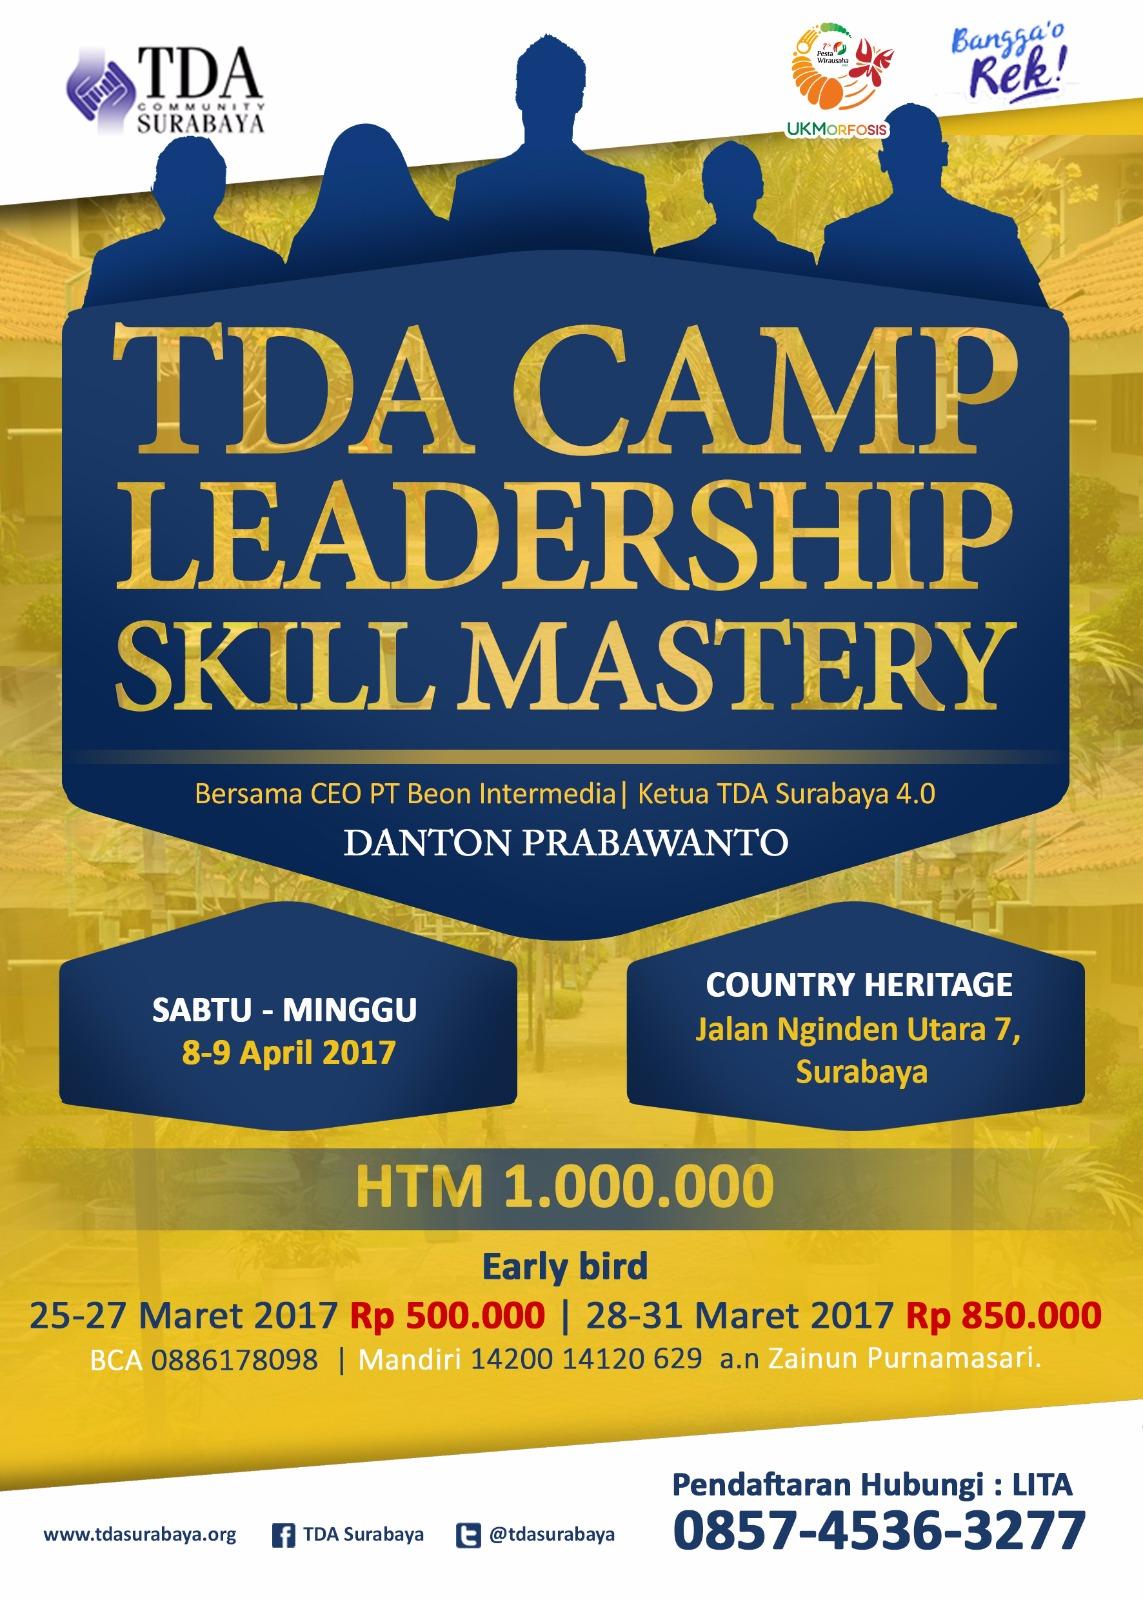 TDA CAMP Leadership Skill Mastery Bersama Danton Prabawanto